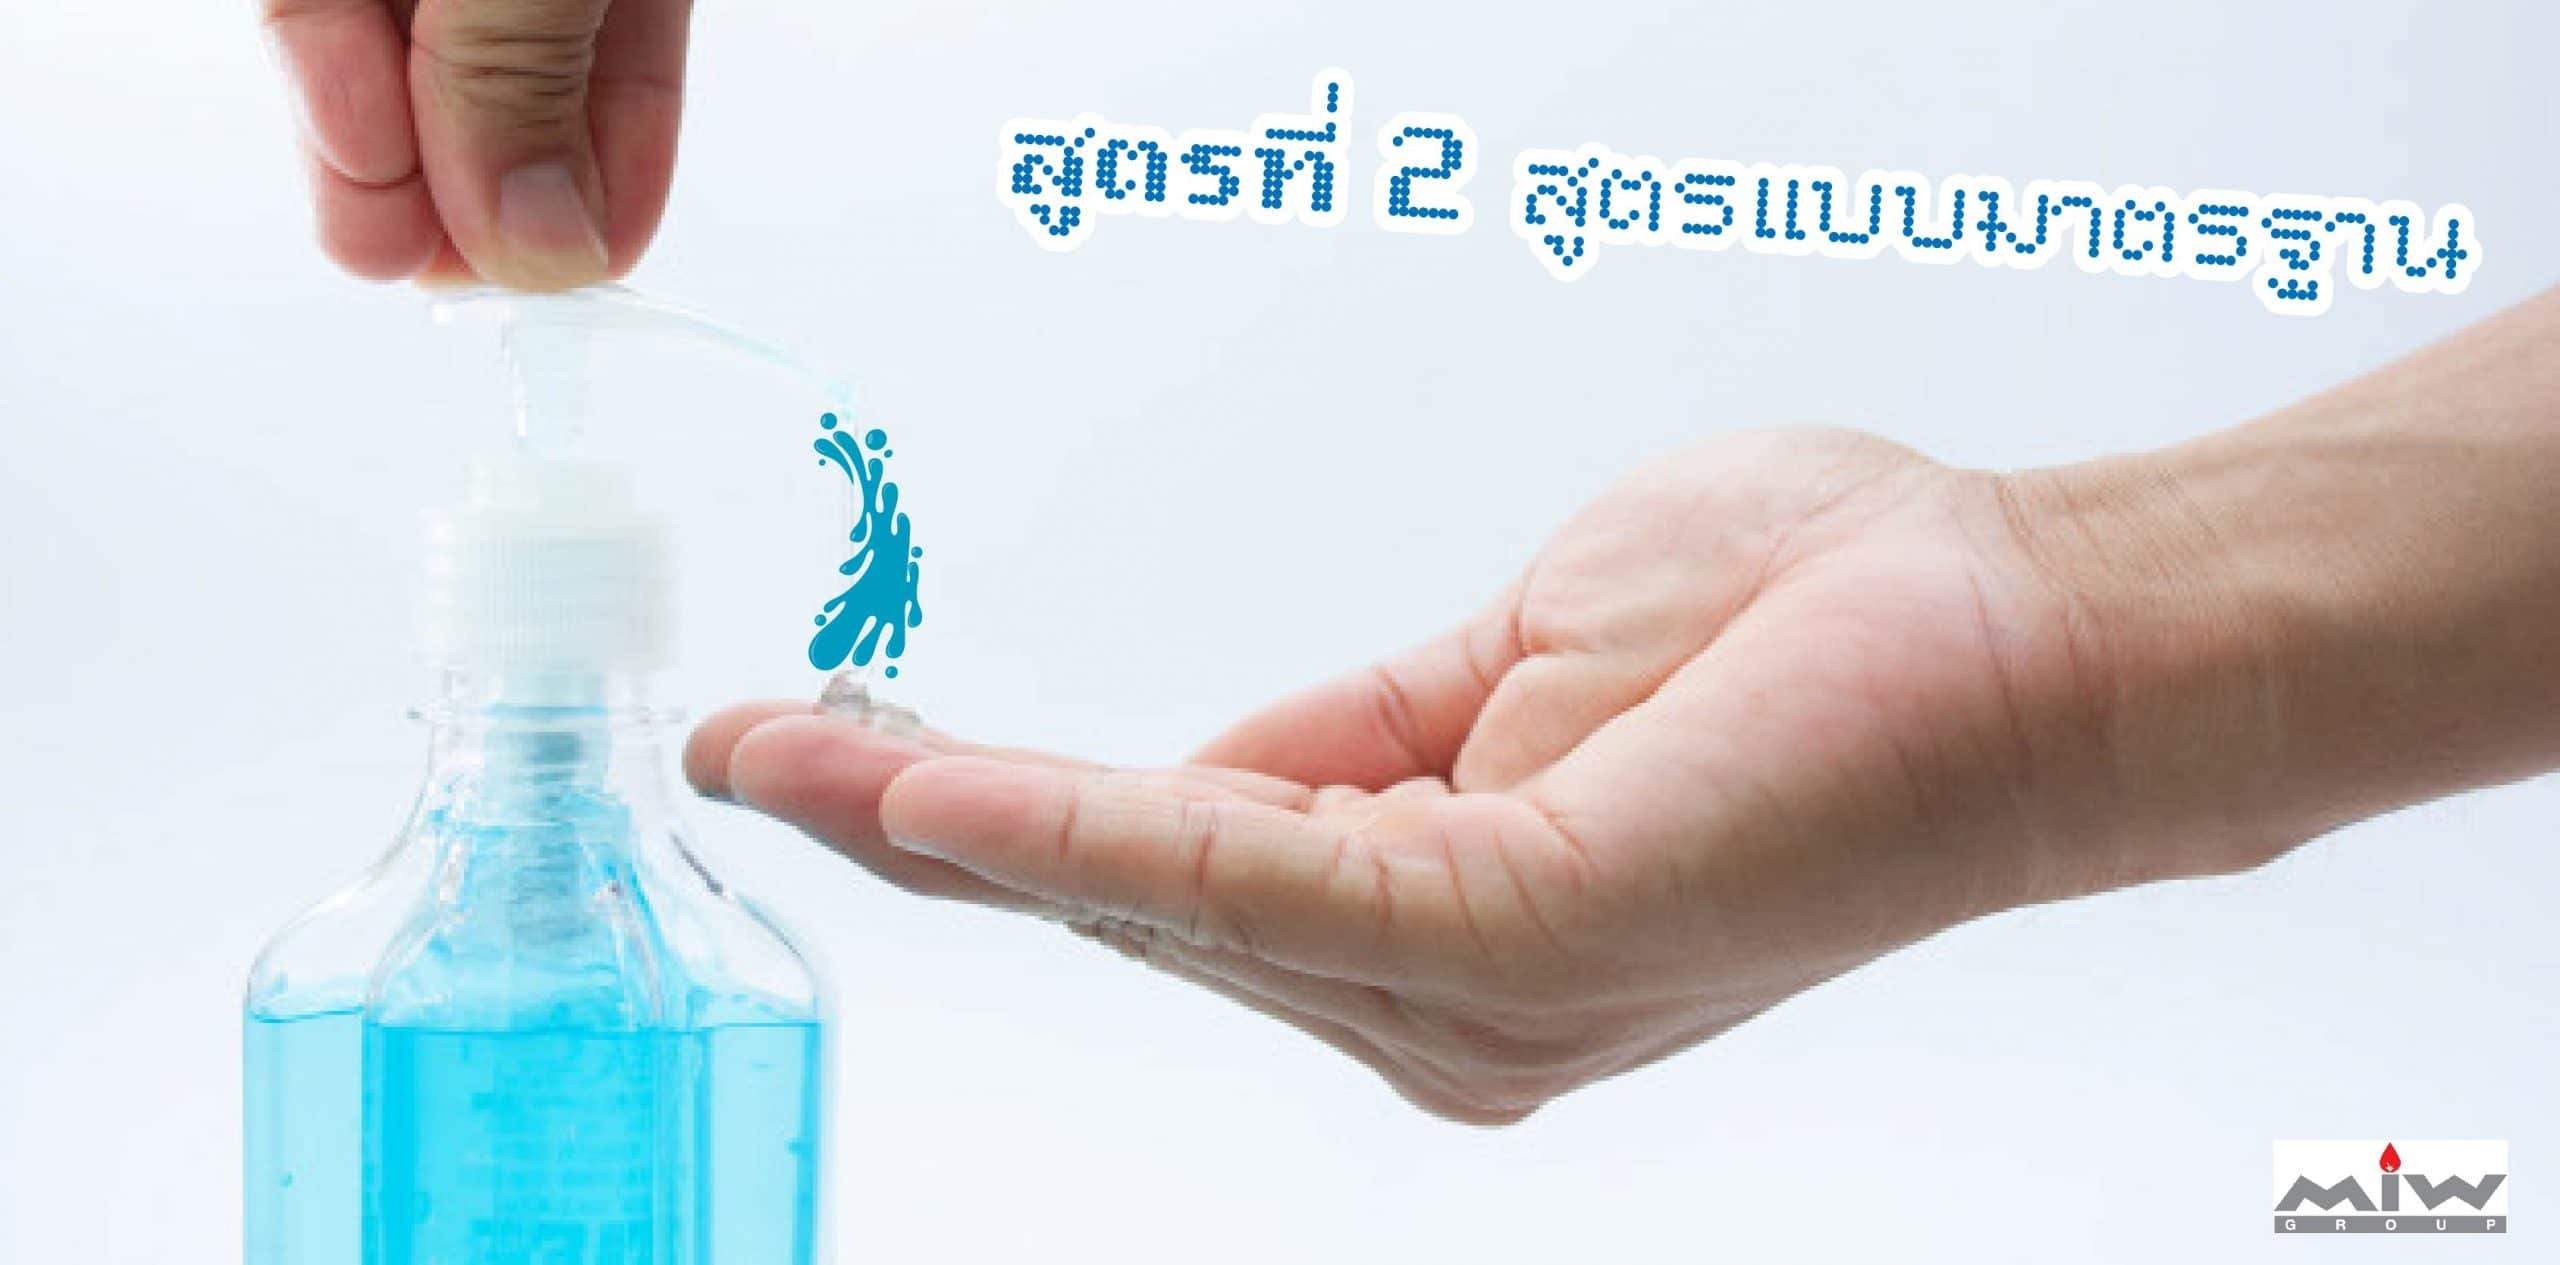 2 สูตรแบบมาตรฐาน scaled - 3 สูตรทำเจลล้างมือ ต้านเชื้อโรคด้วยตนเอง